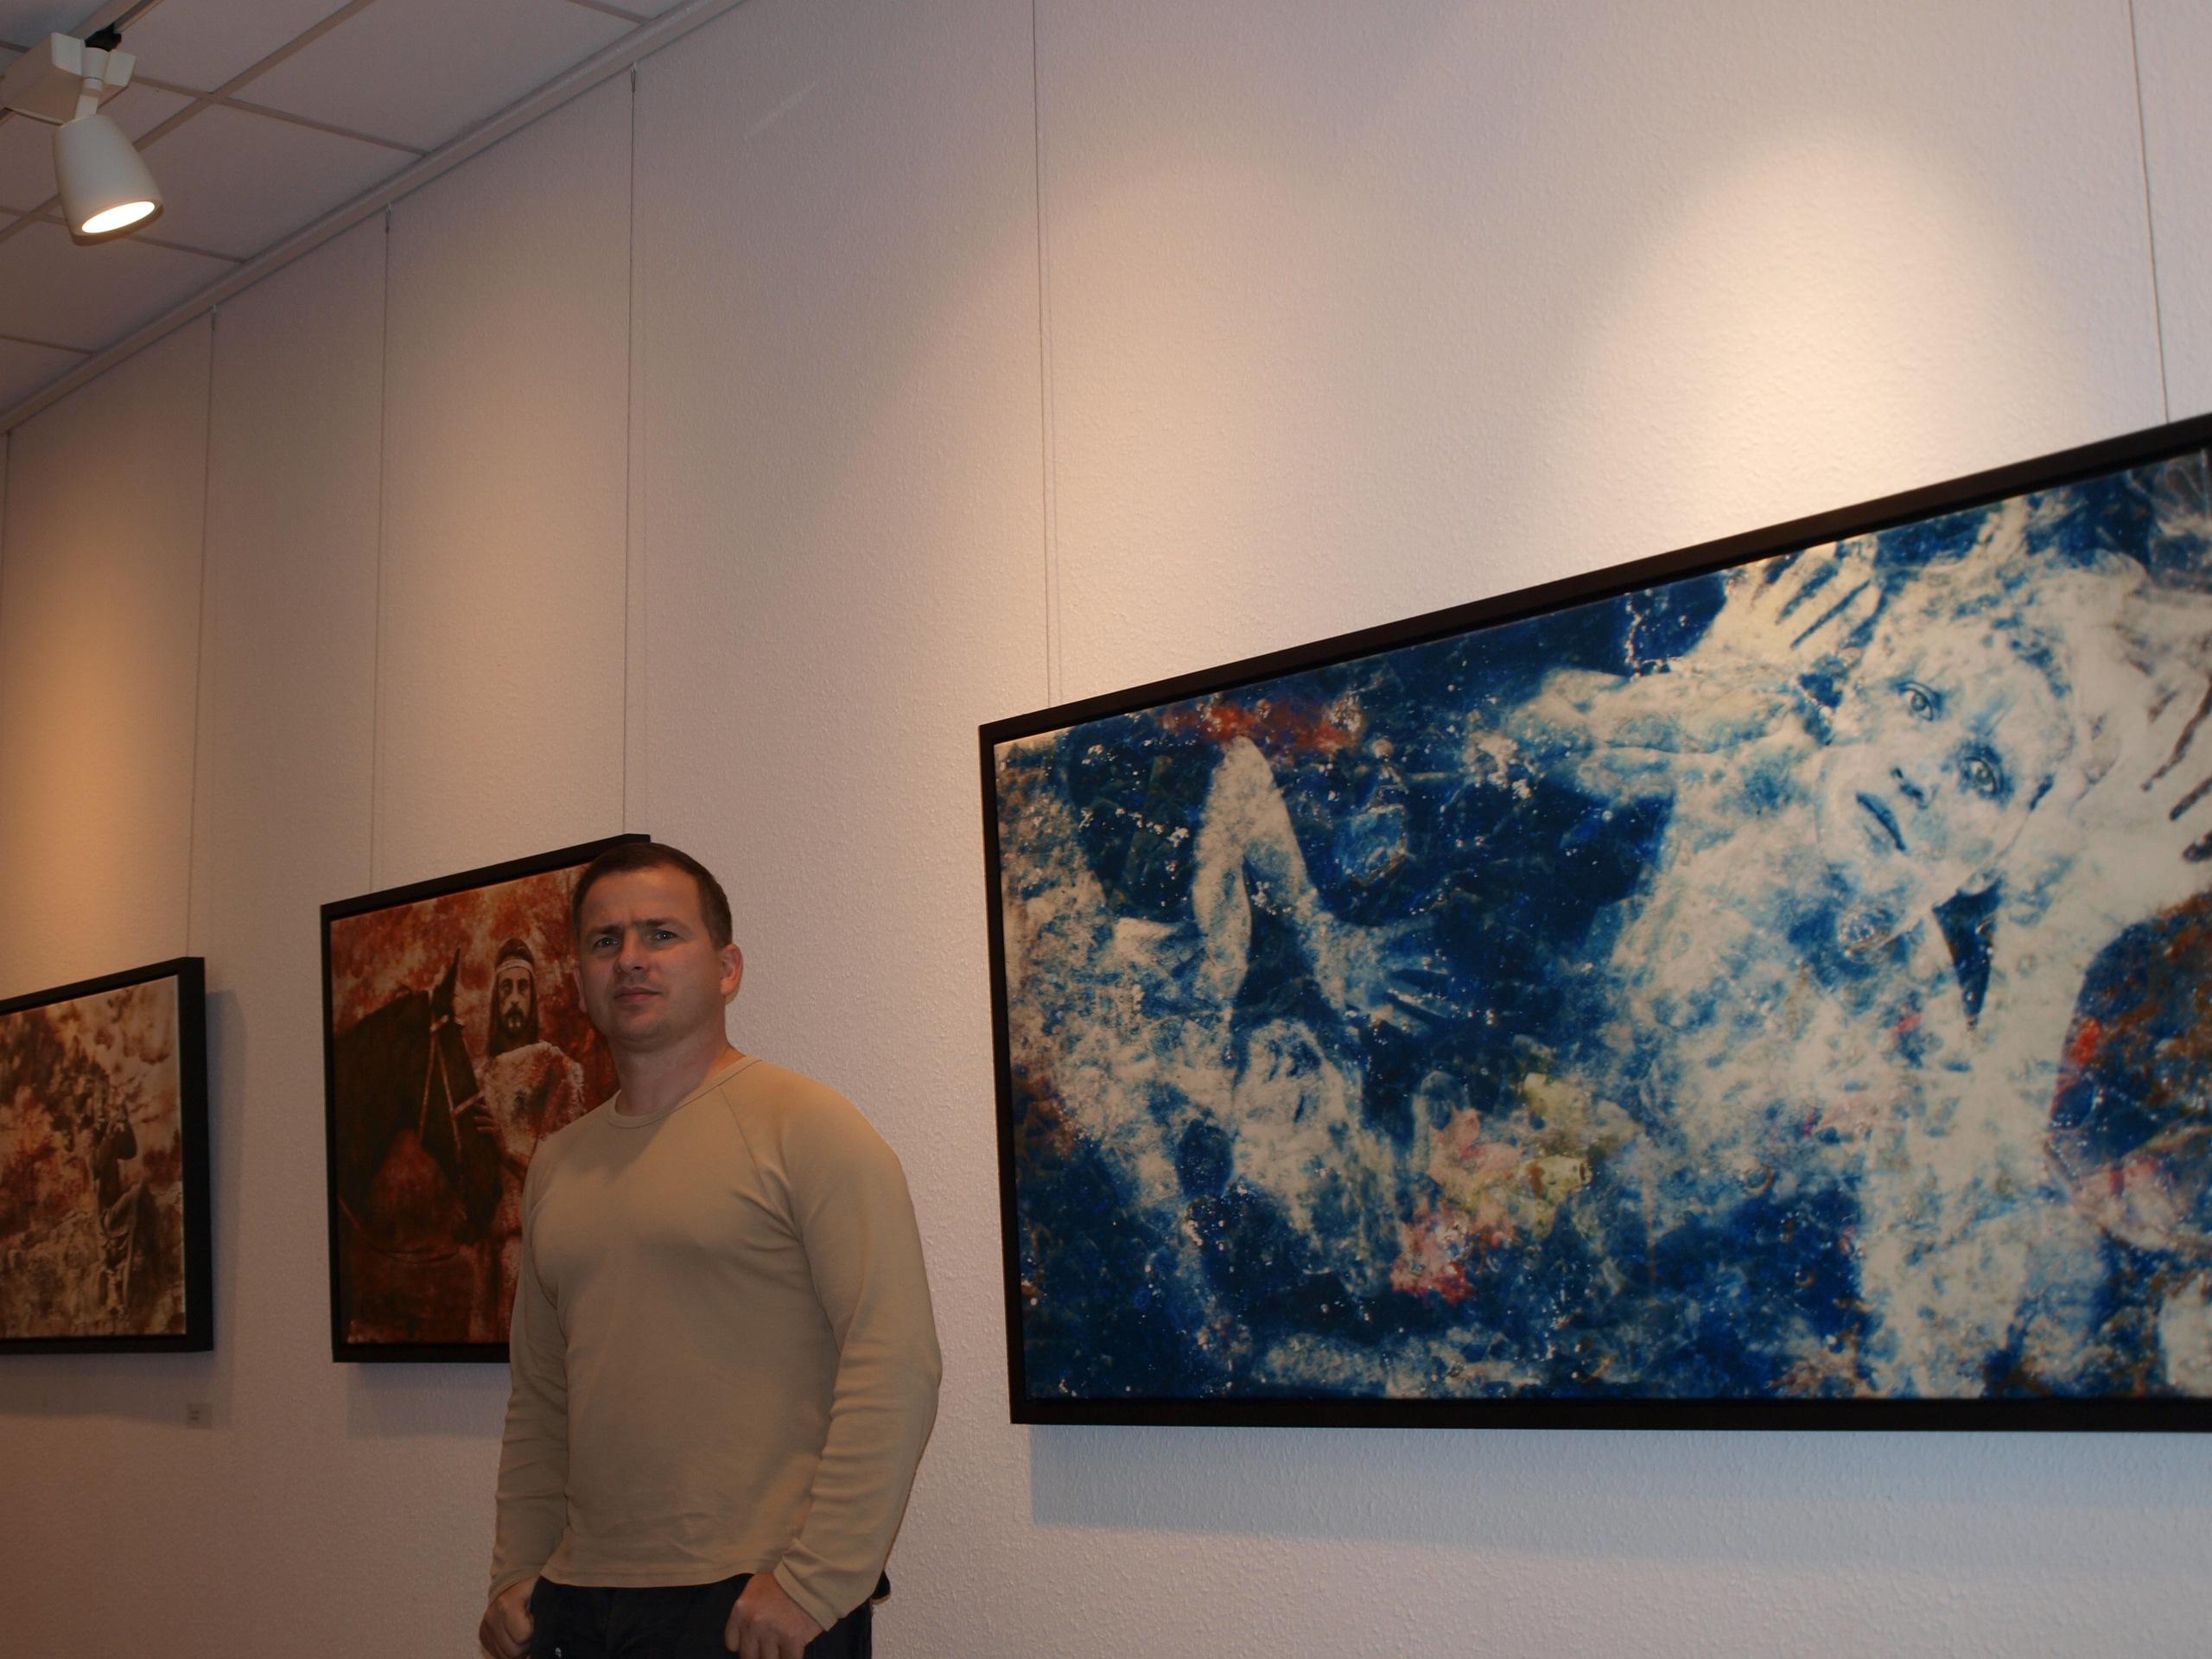 Ausstellung in Suhl